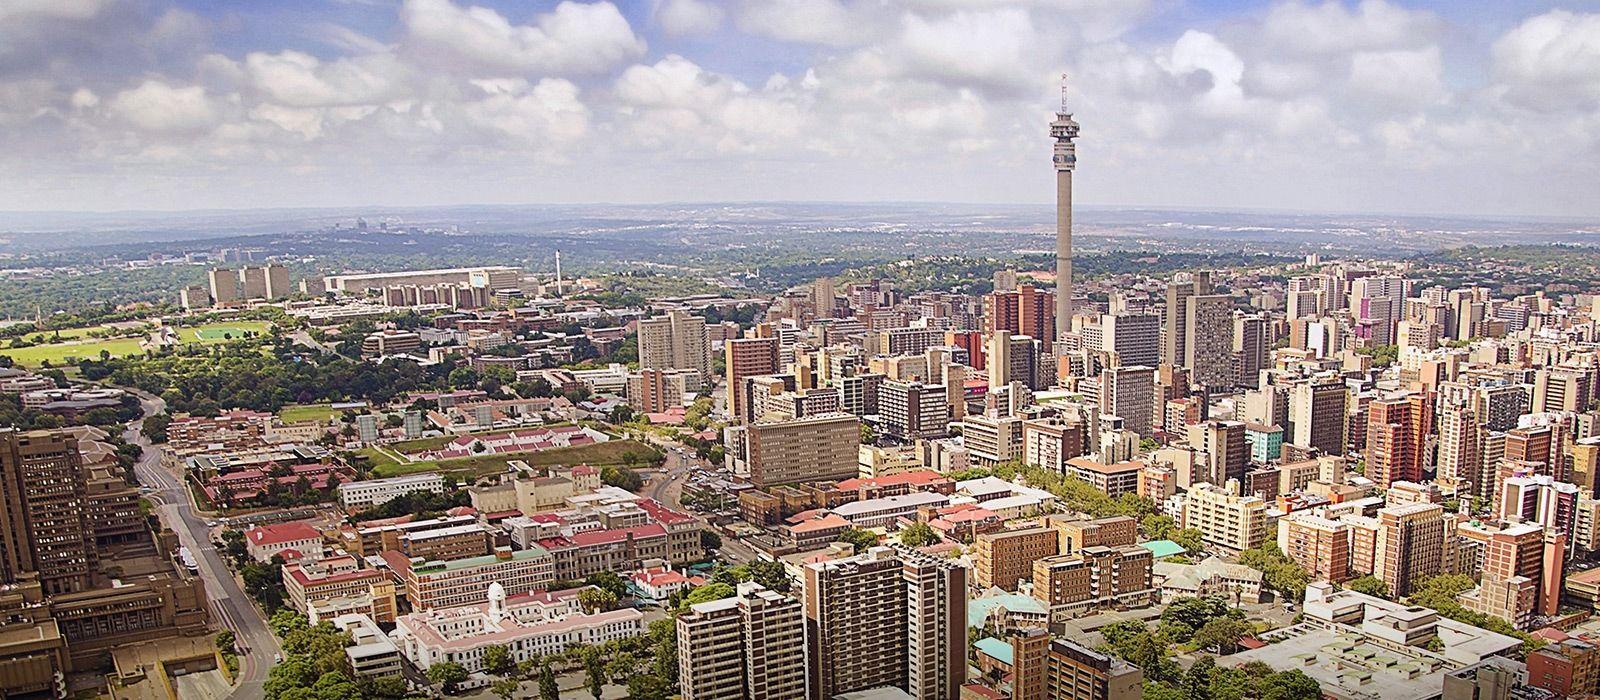 Reise durch Südafrika: Krüger, Garden Route und Kapstadt Urlaub 1